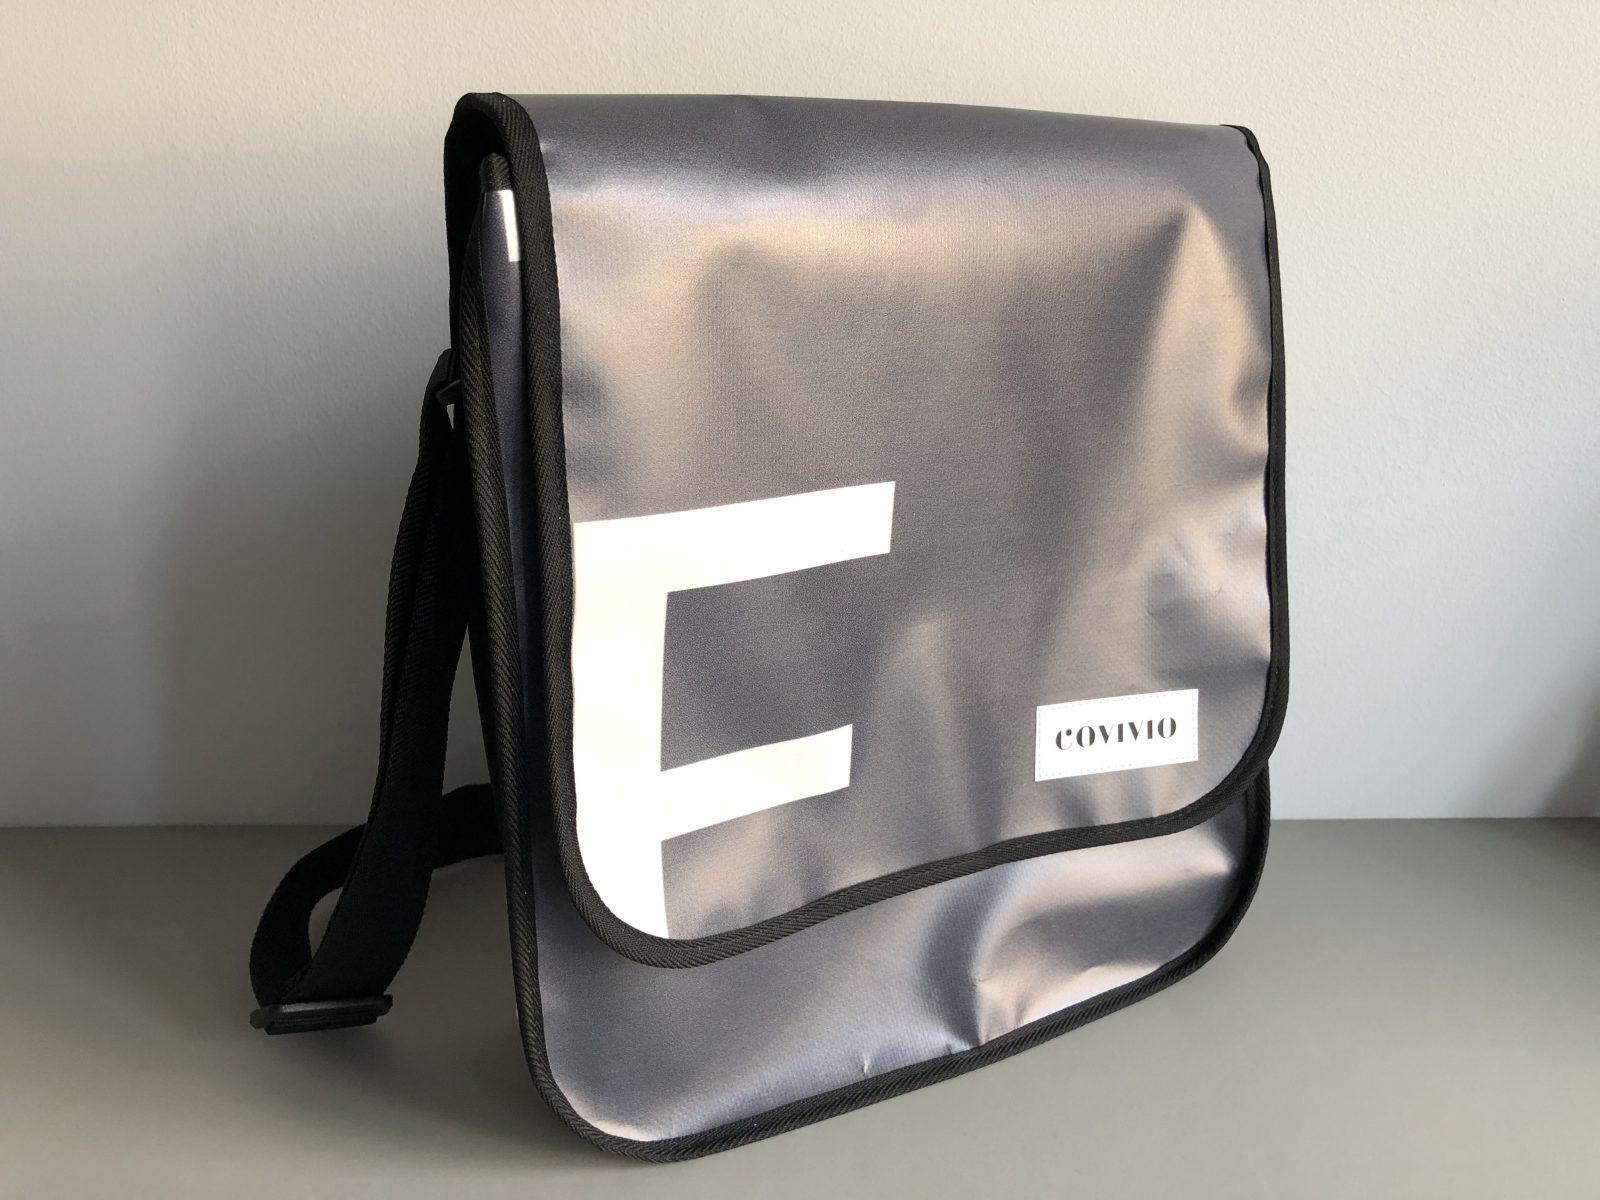 Nachhaltigkeit bei Covivio – Aufbereitete Taschen aus Werbebannern